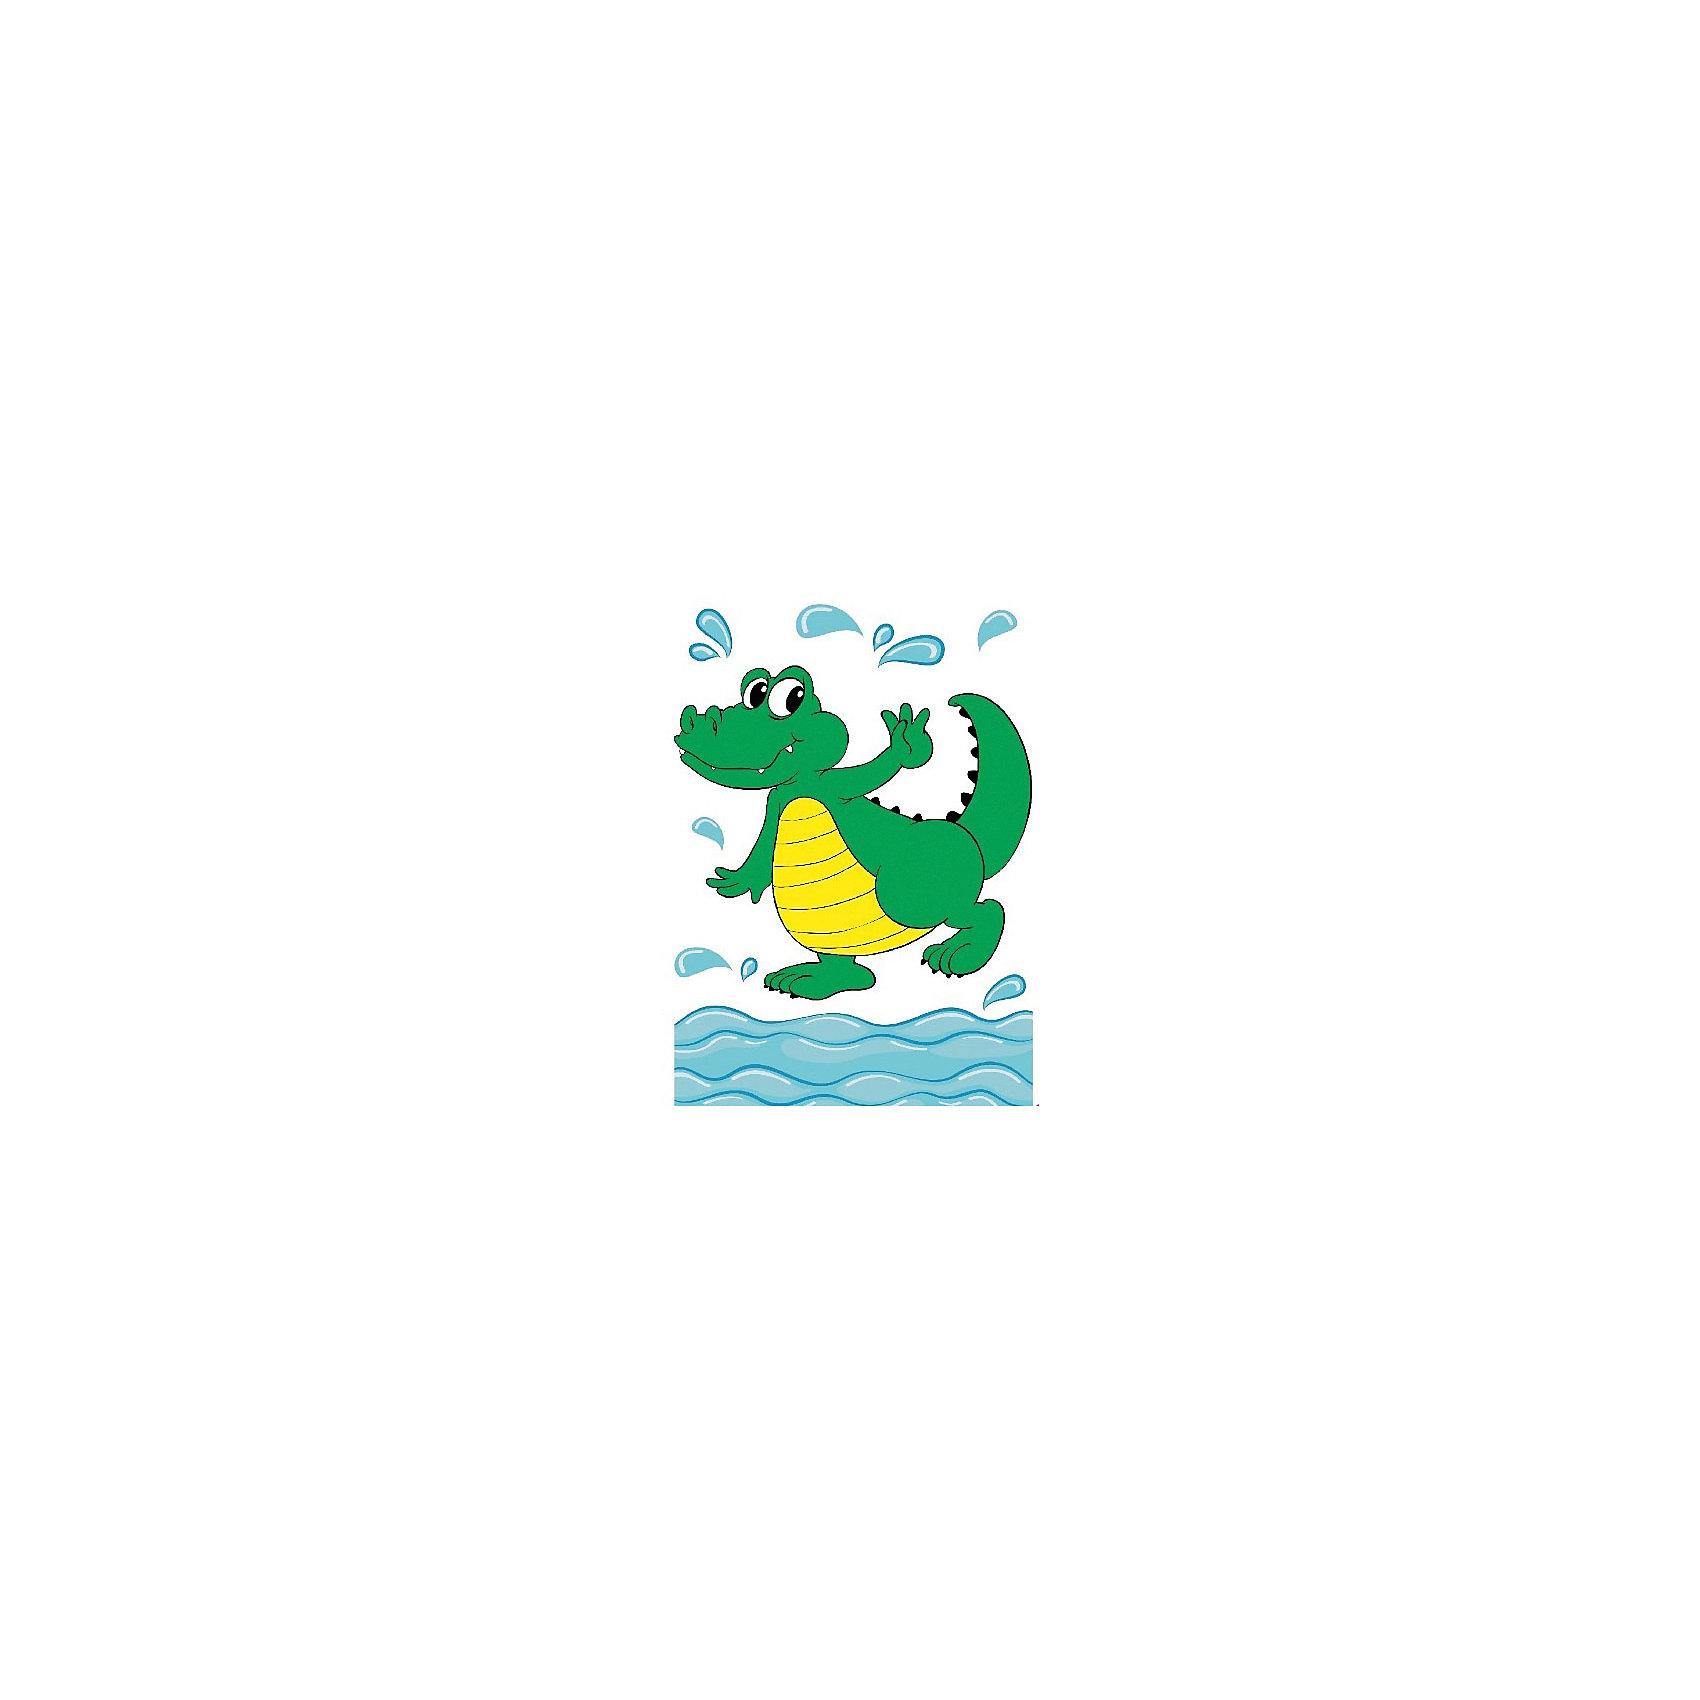 Набор юного художника Крокодил Тошка, 20*30 смРисование<br>Детские картины с раскраской по номерам размером 20*30. На деревянном подрамнике, с прогрунтованным холстом и  нанесенными контурами картины, с указанием цвета закраски, акриловыми красками, 3 кисточками и креплением на стену. Уровень сложности, количество красок указаны на коробке.<br><br>Ширина мм: 300<br>Глубина мм: 200<br>Высота мм: 30<br>Вес г: 330<br>Возраст от месяцев: 60<br>Возраст до месяцев: 108<br>Пол: Унисекс<br>Возраст: Детский<br>SKU: 5417646